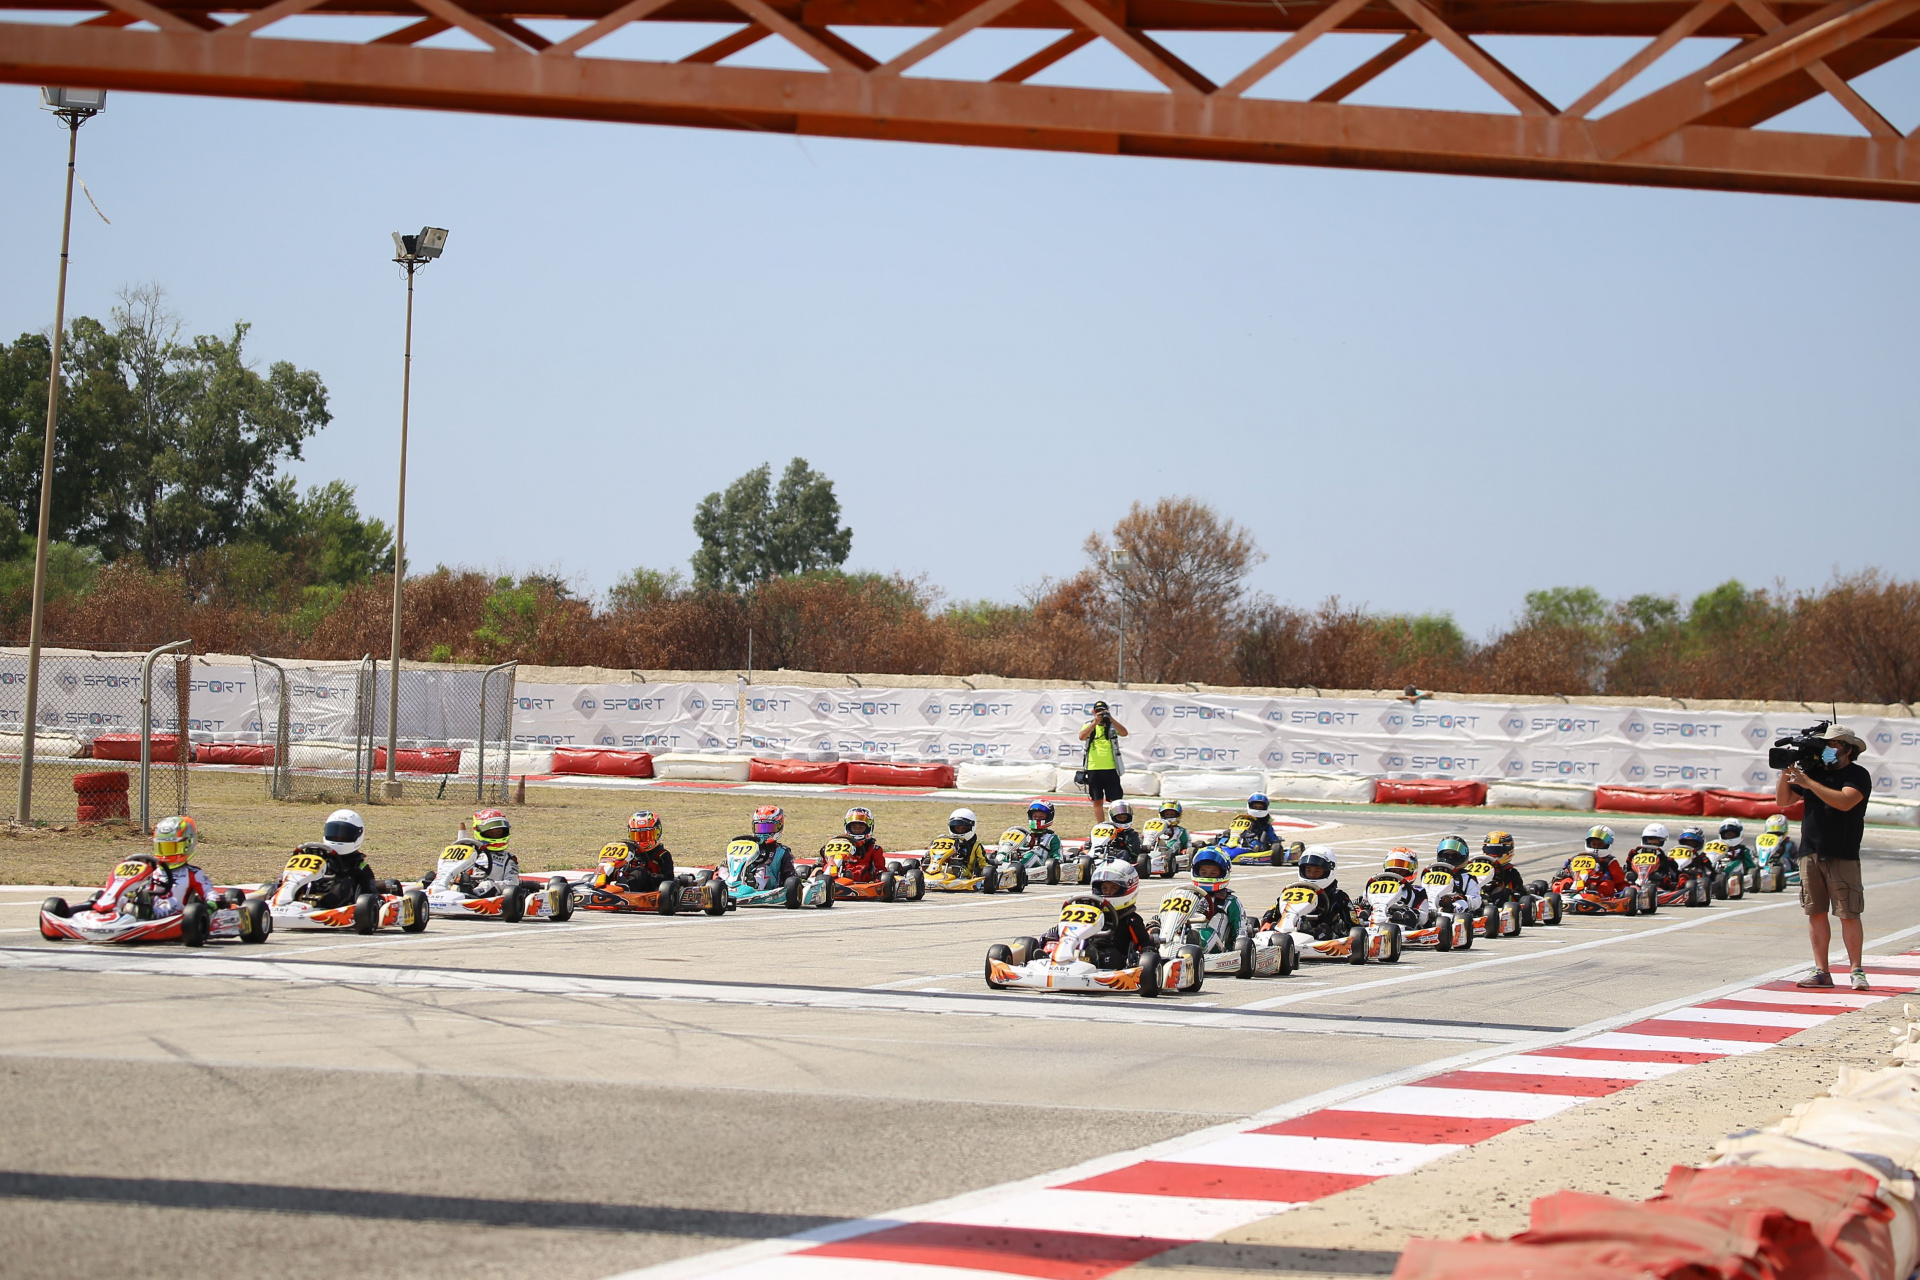 Pubblicate le prime classifiche dei Campionati Regionali ACI Karting 2021